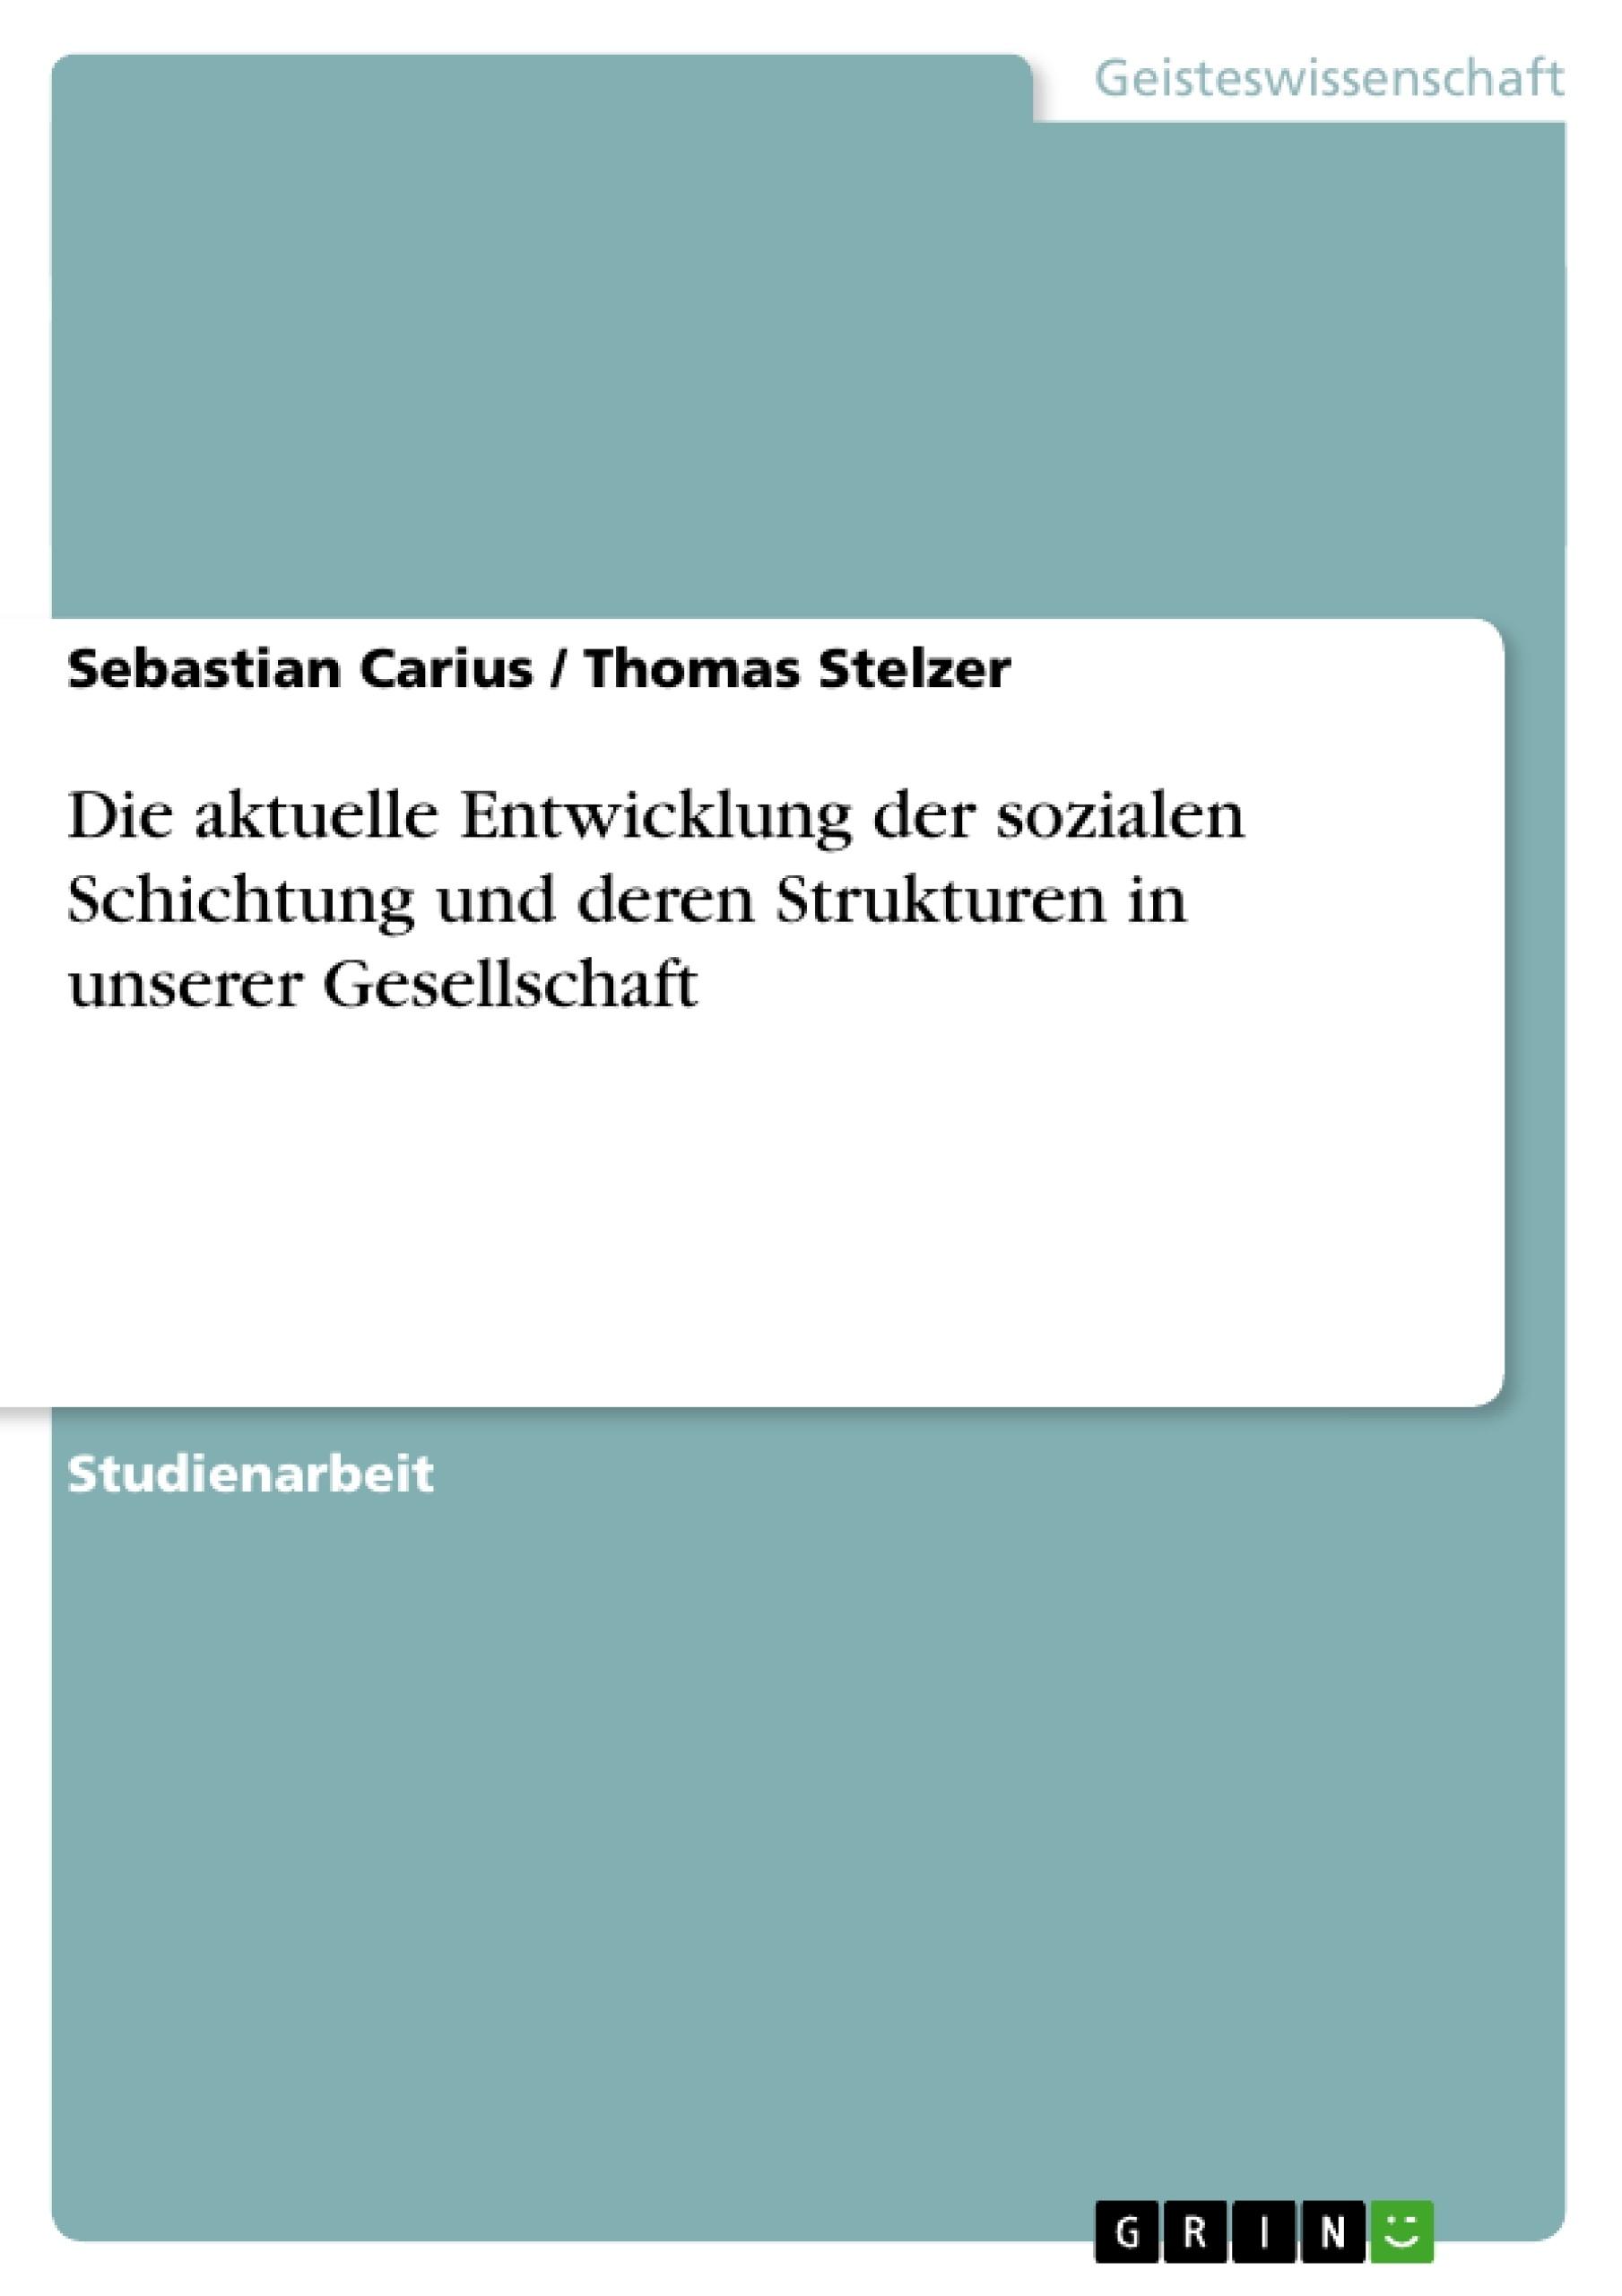 Titel: Die aktuelle Entwicklung der sozialen Schichtung und deren Strukturen in unserer Gesellschaft